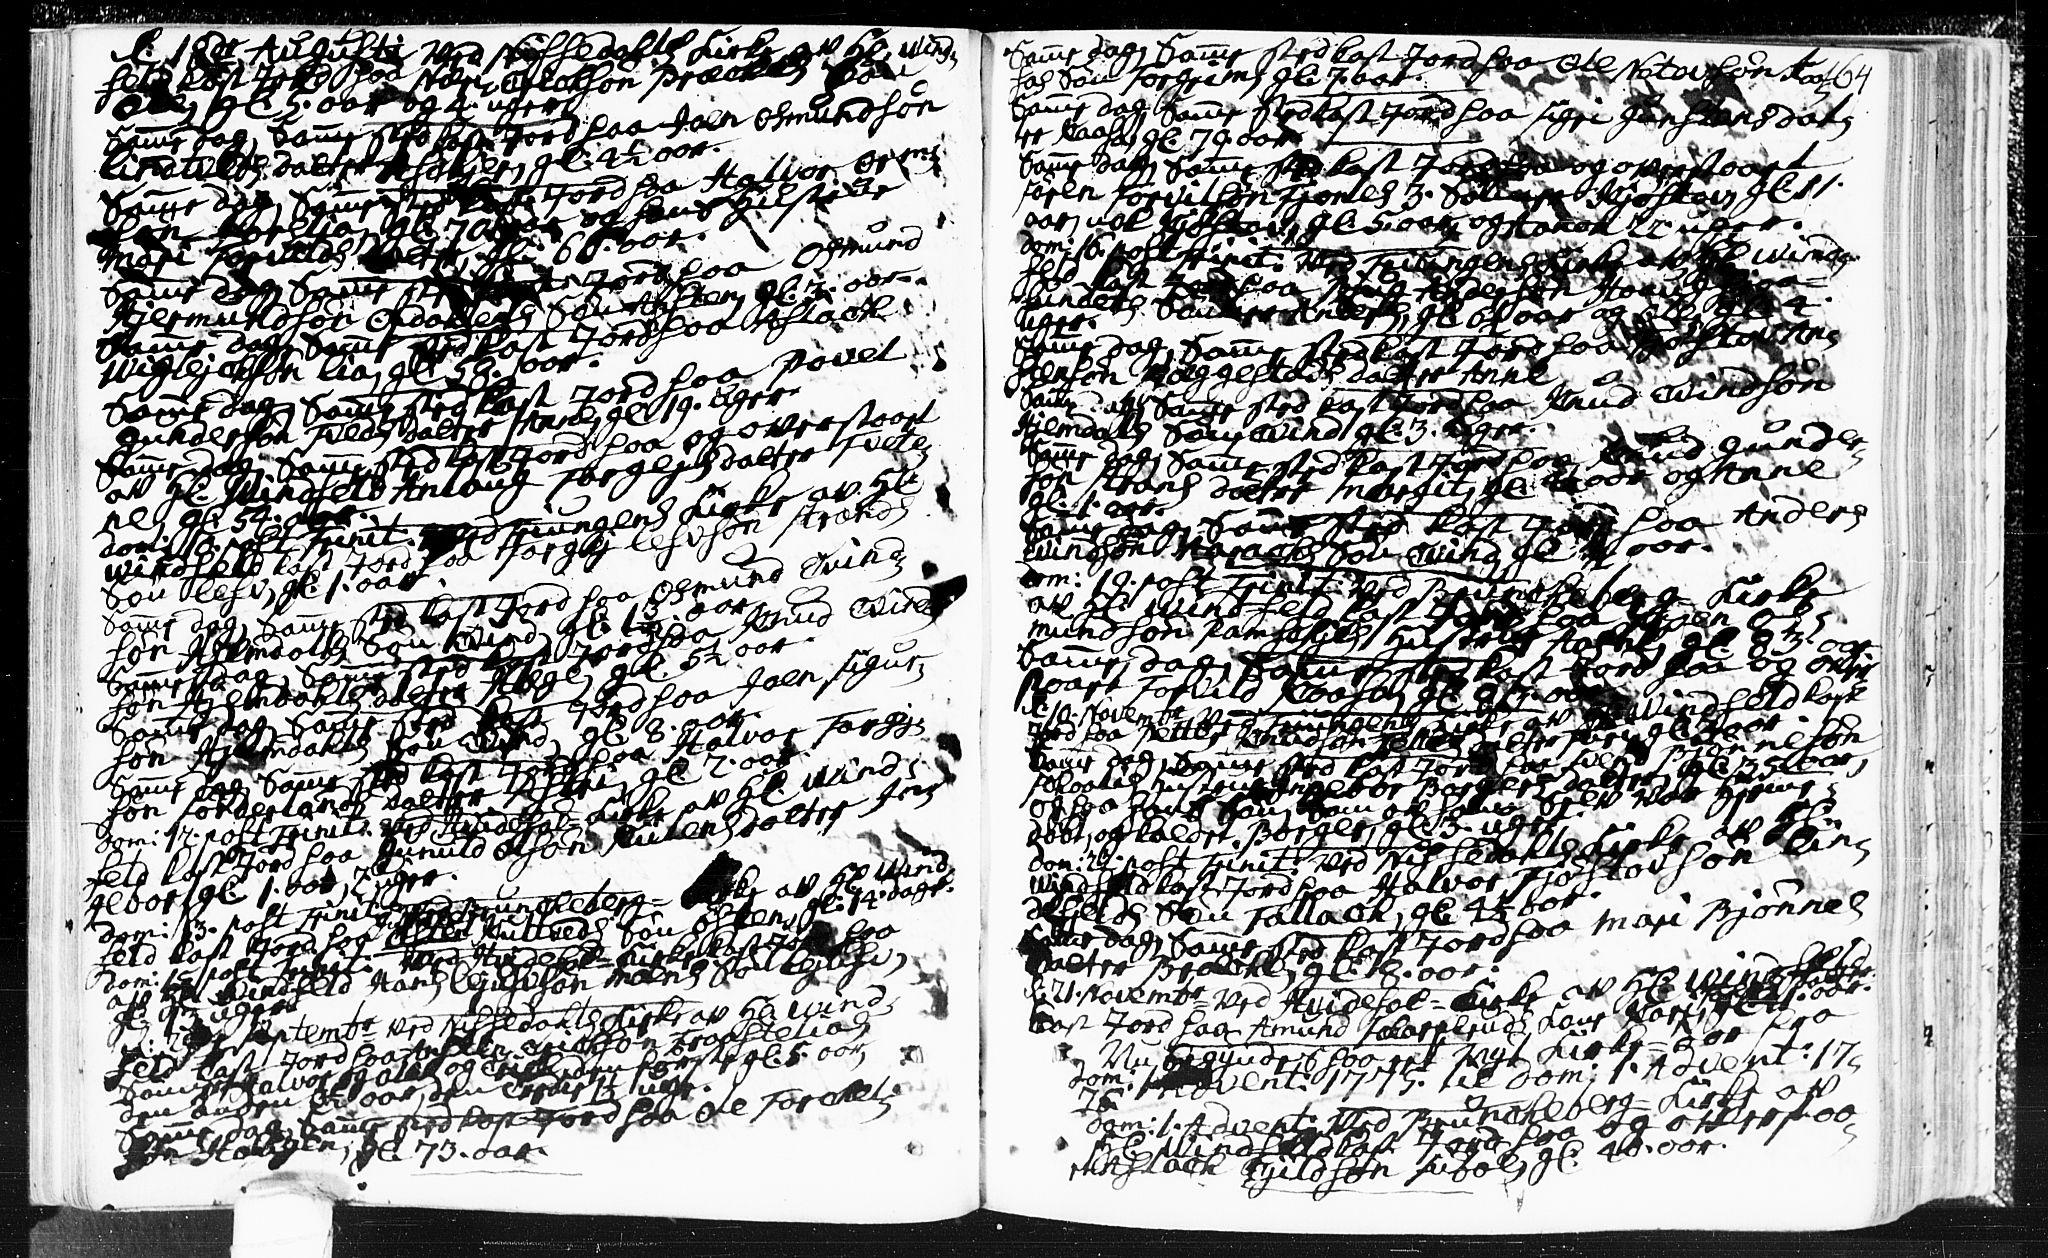 SAKO, Kviteseid kirkebøker, F/Fa/L0002: Ministerialbok nr. I 2, 1773-1786, s. 164